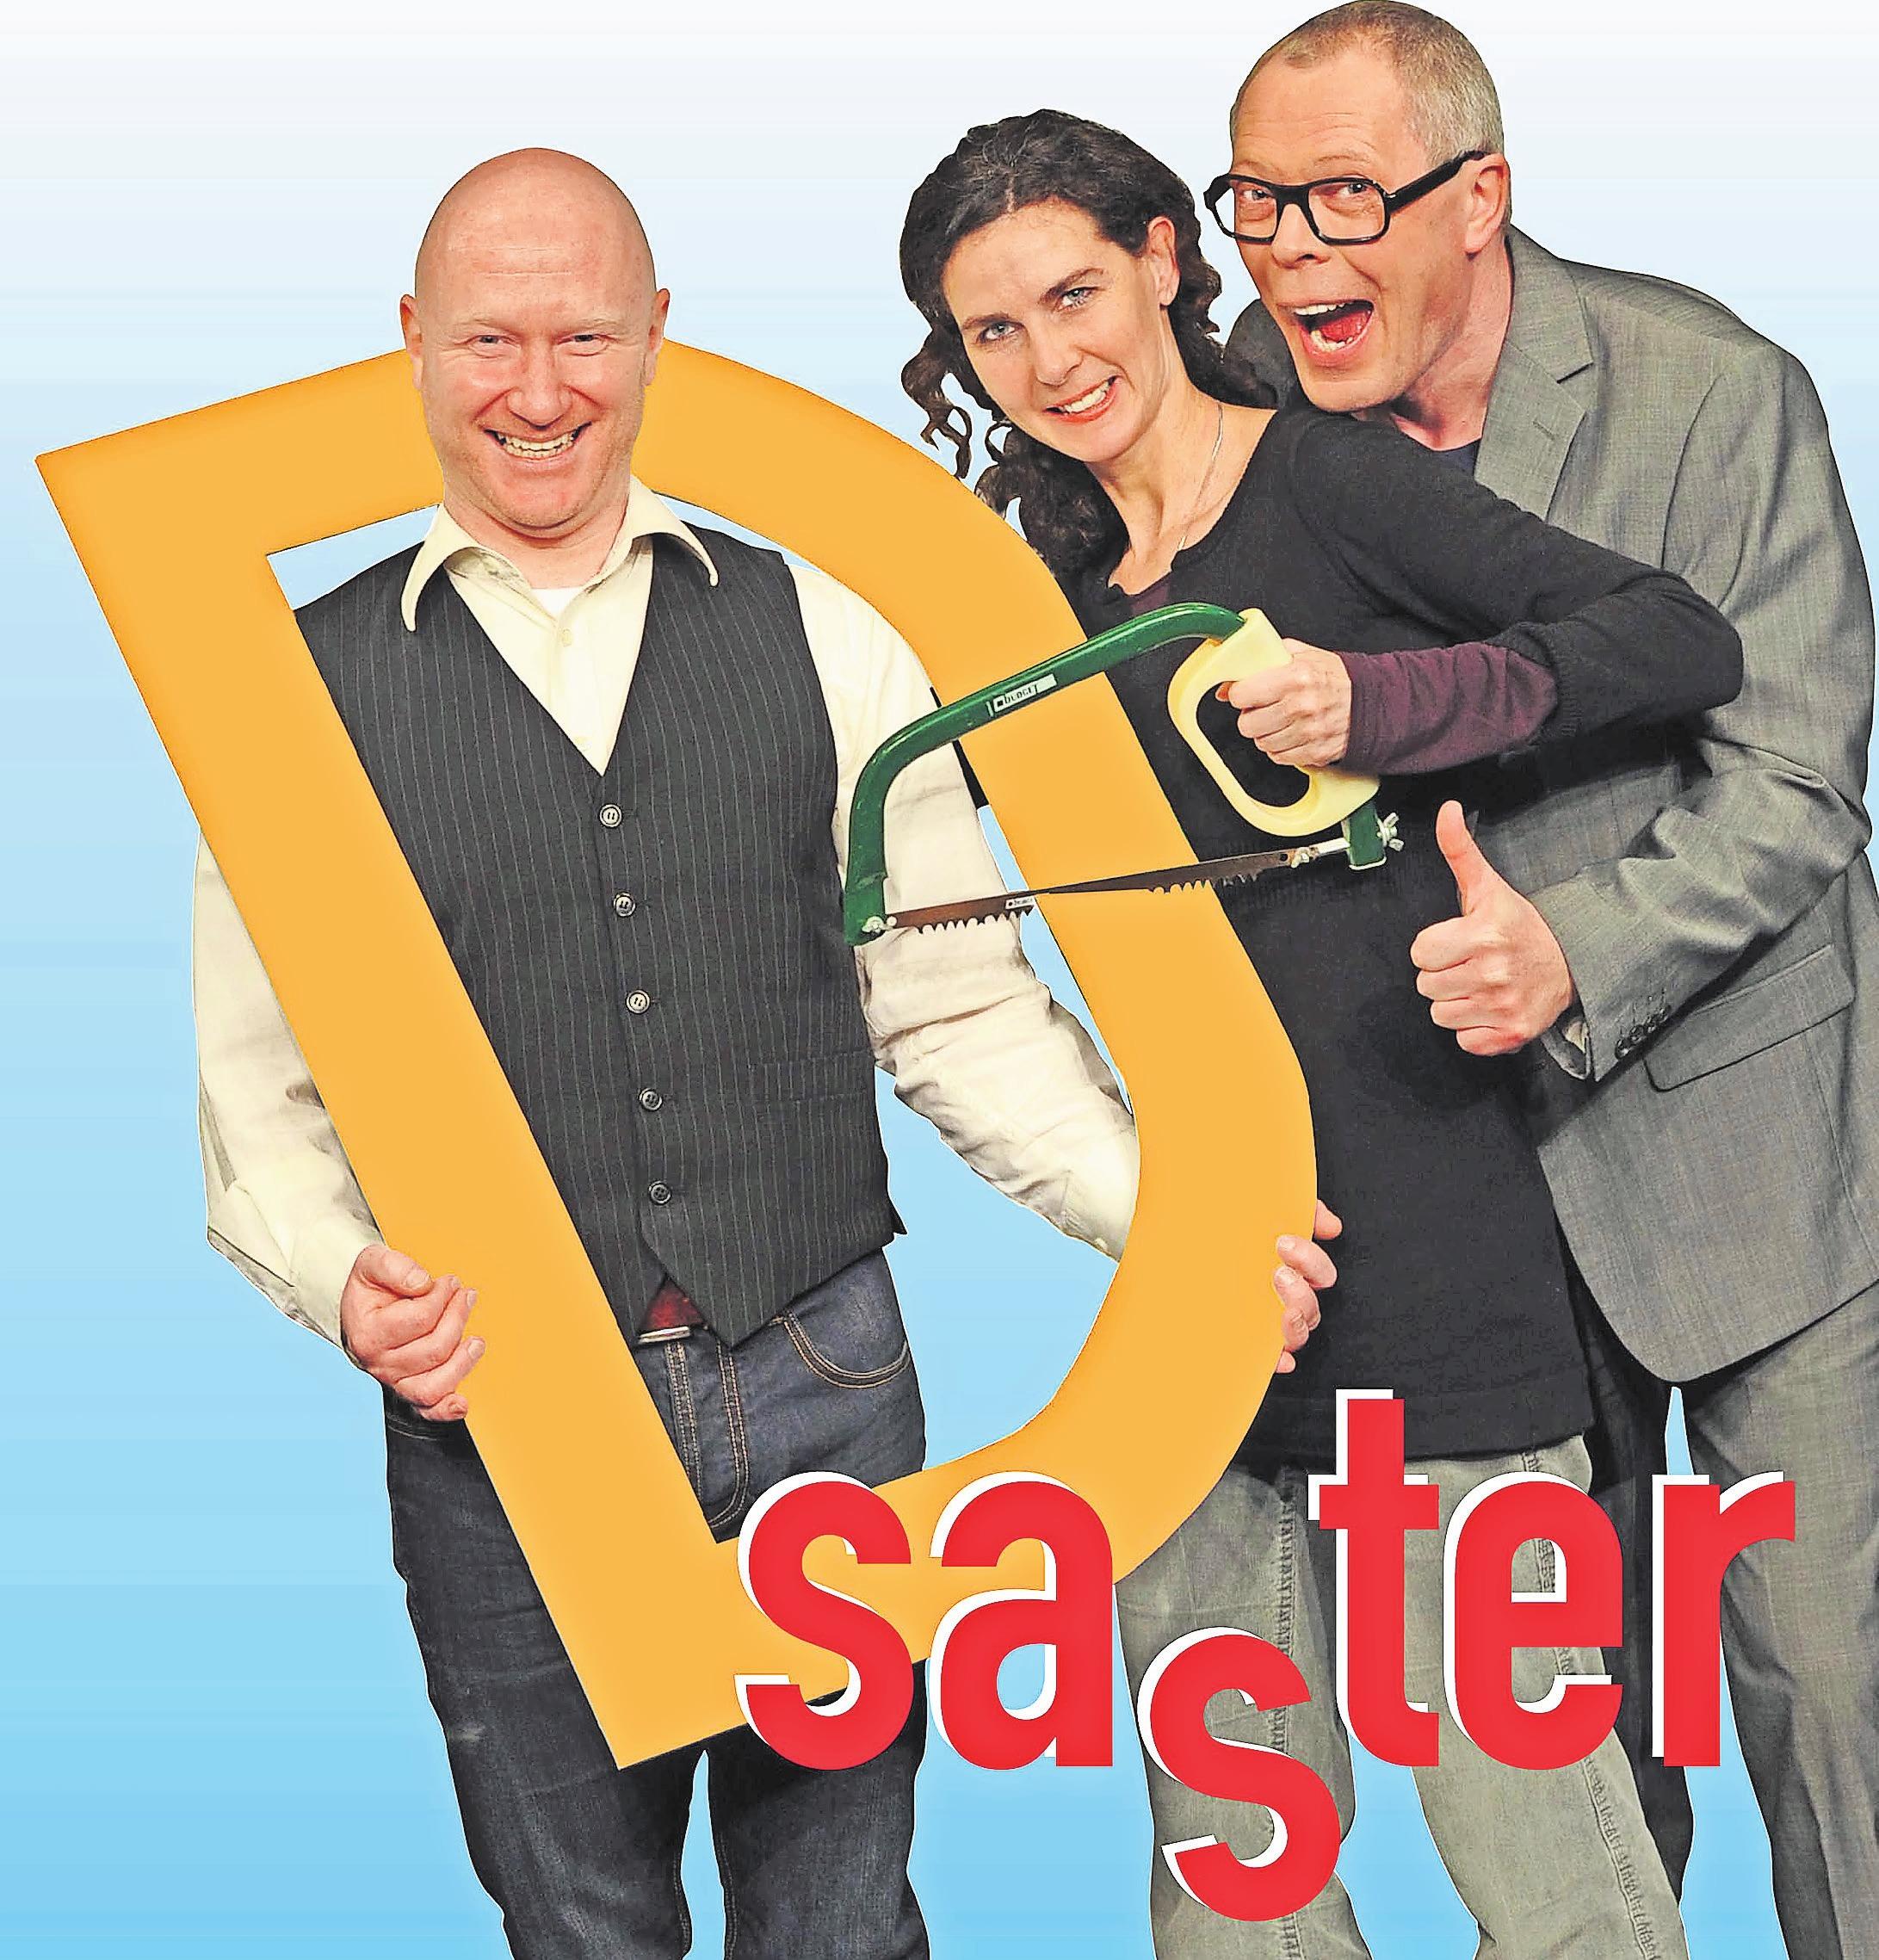 """""""D saster"""" v.l.n.r. in der Besetzung mit Matthias Avemarg, Gislén Engelmann, Frank Sieckel Foto: M. Scholz"""